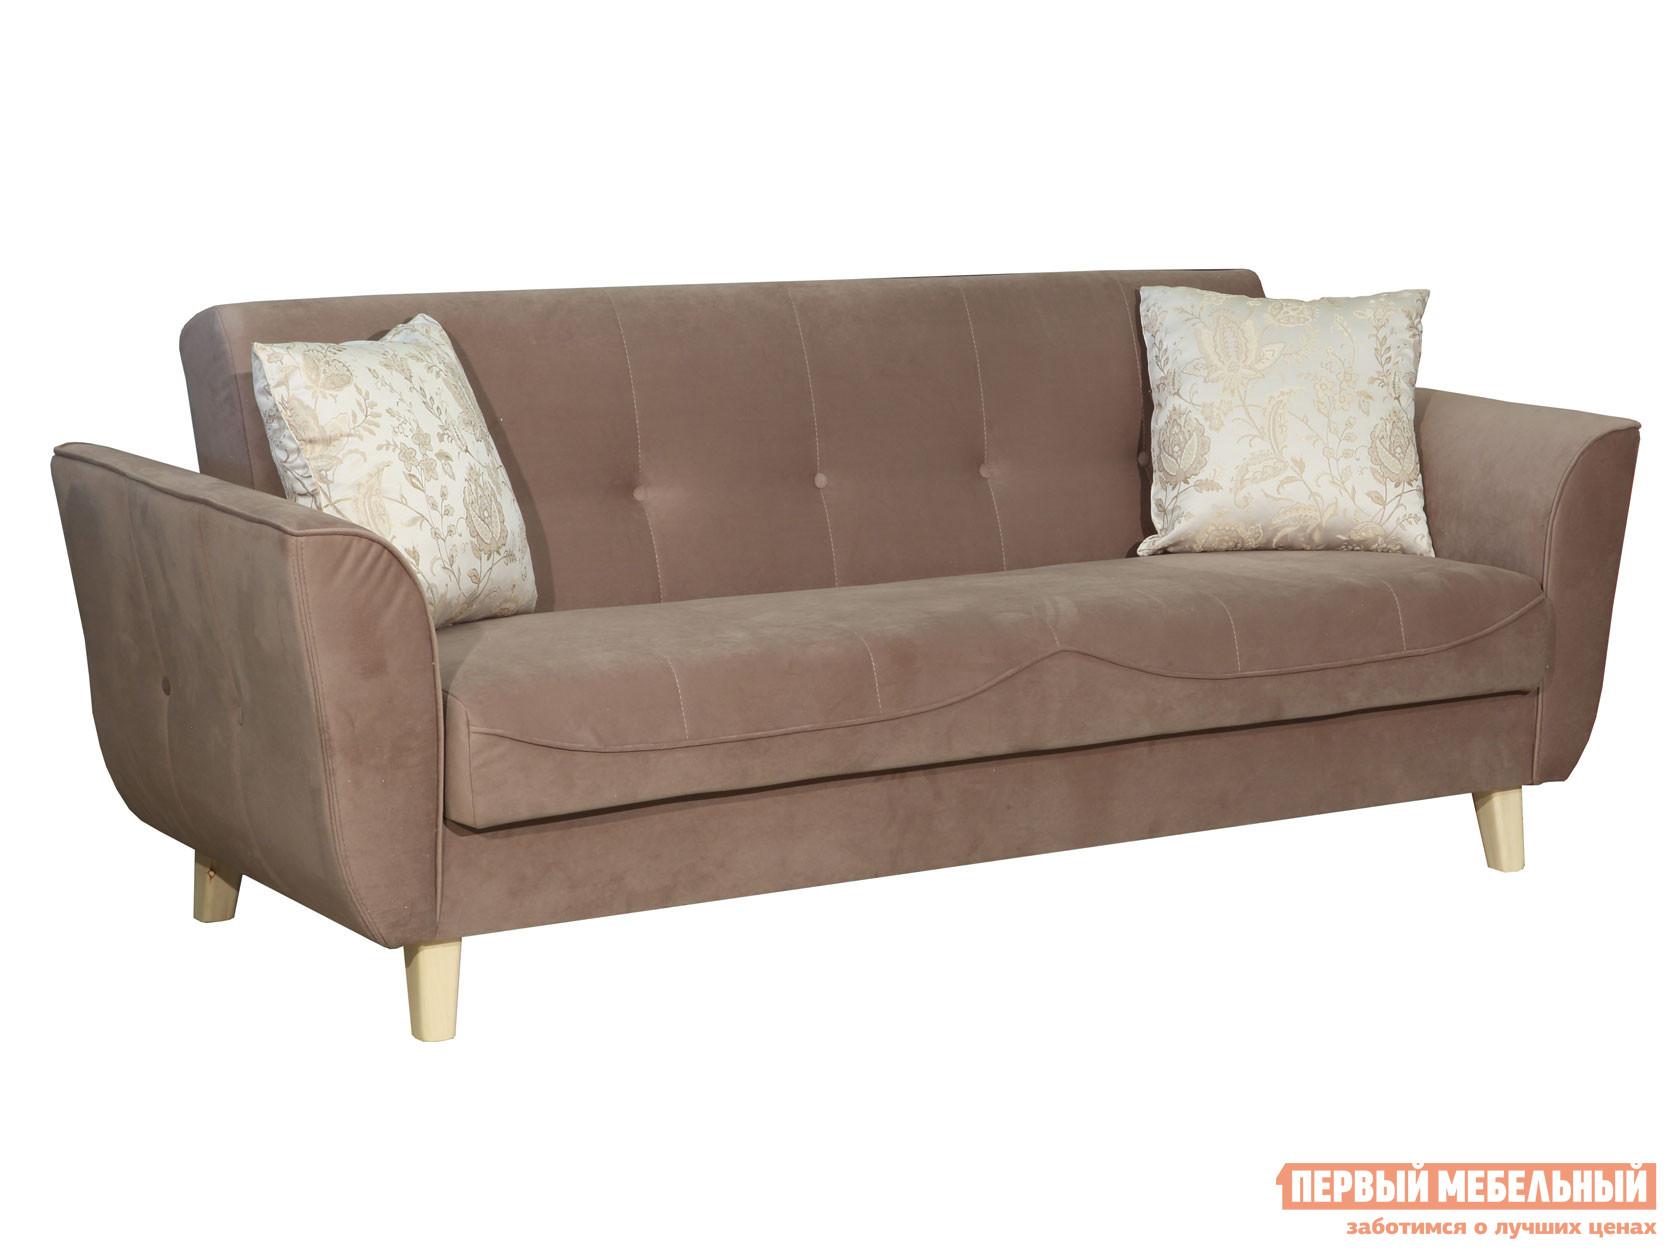 Прямой диван Первый Мебельный Диван Оникс Люкс